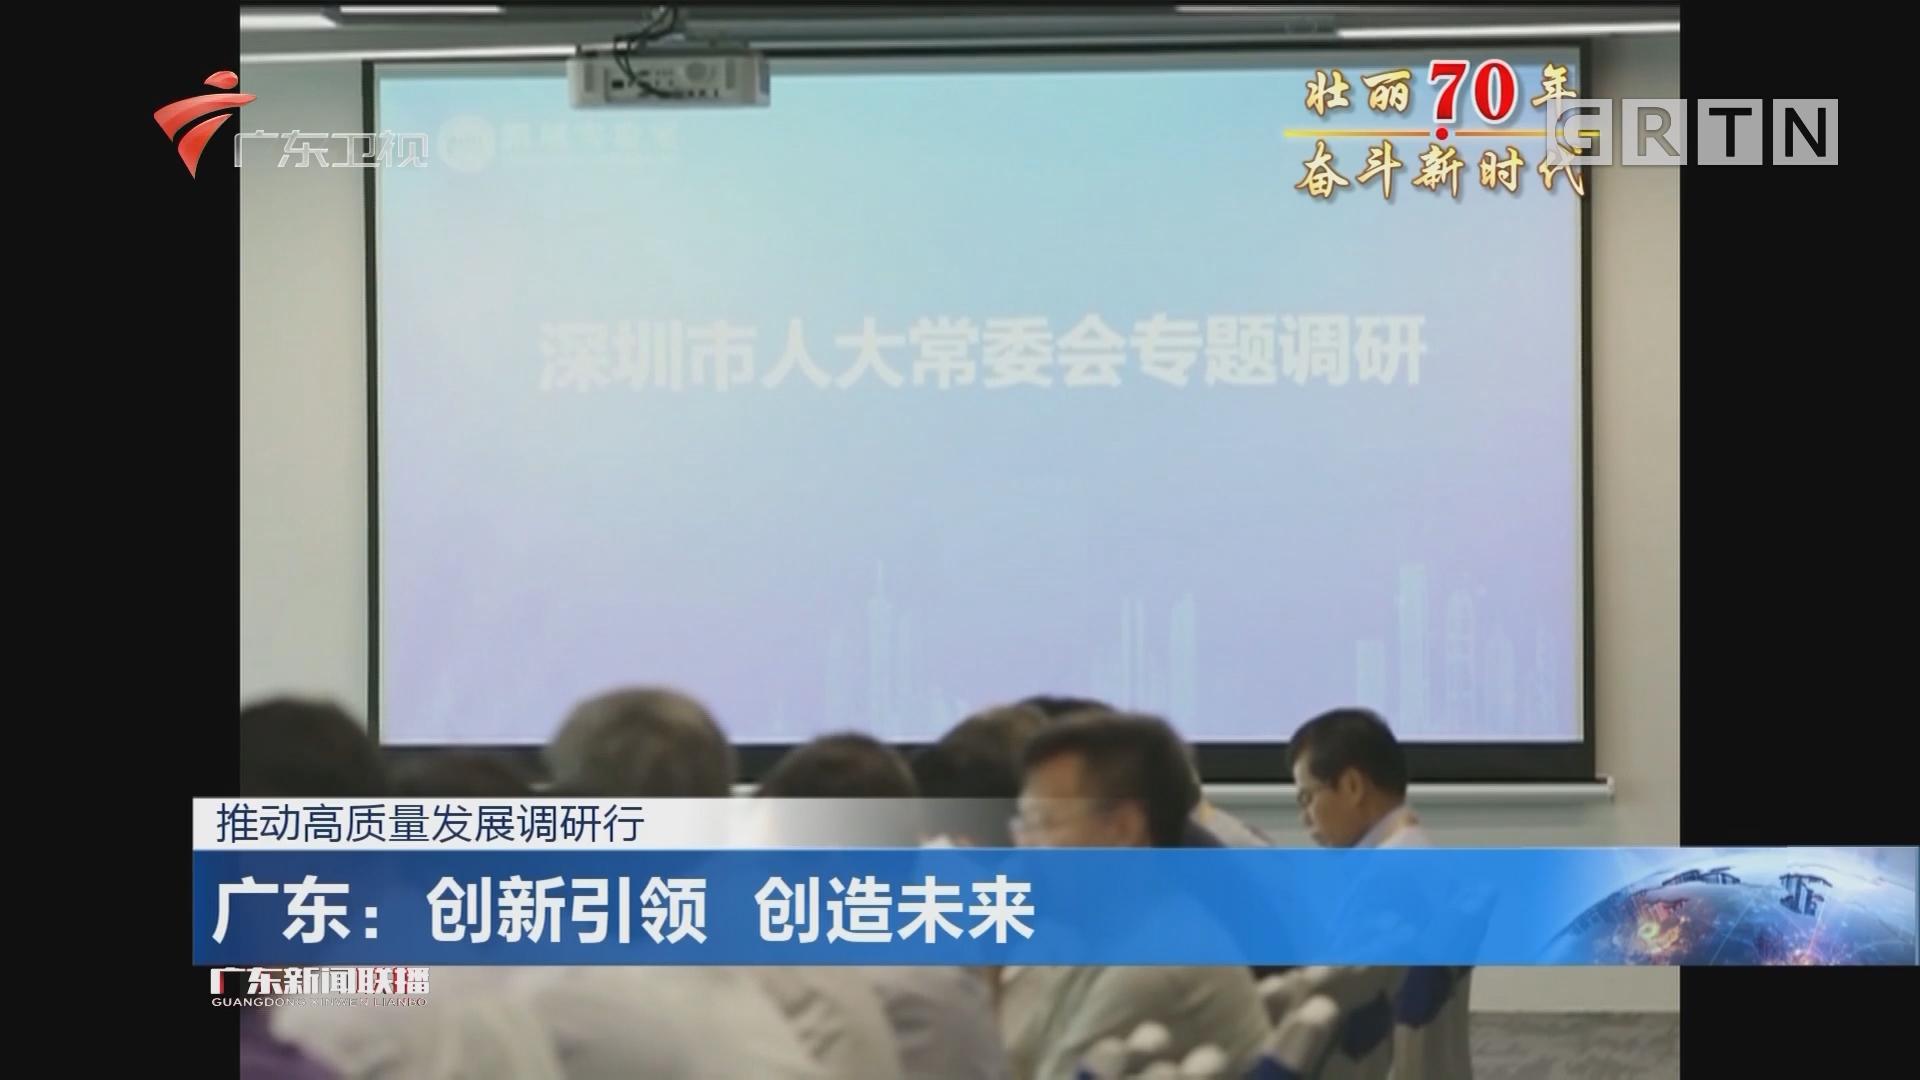 广东:创新引领 创造未来